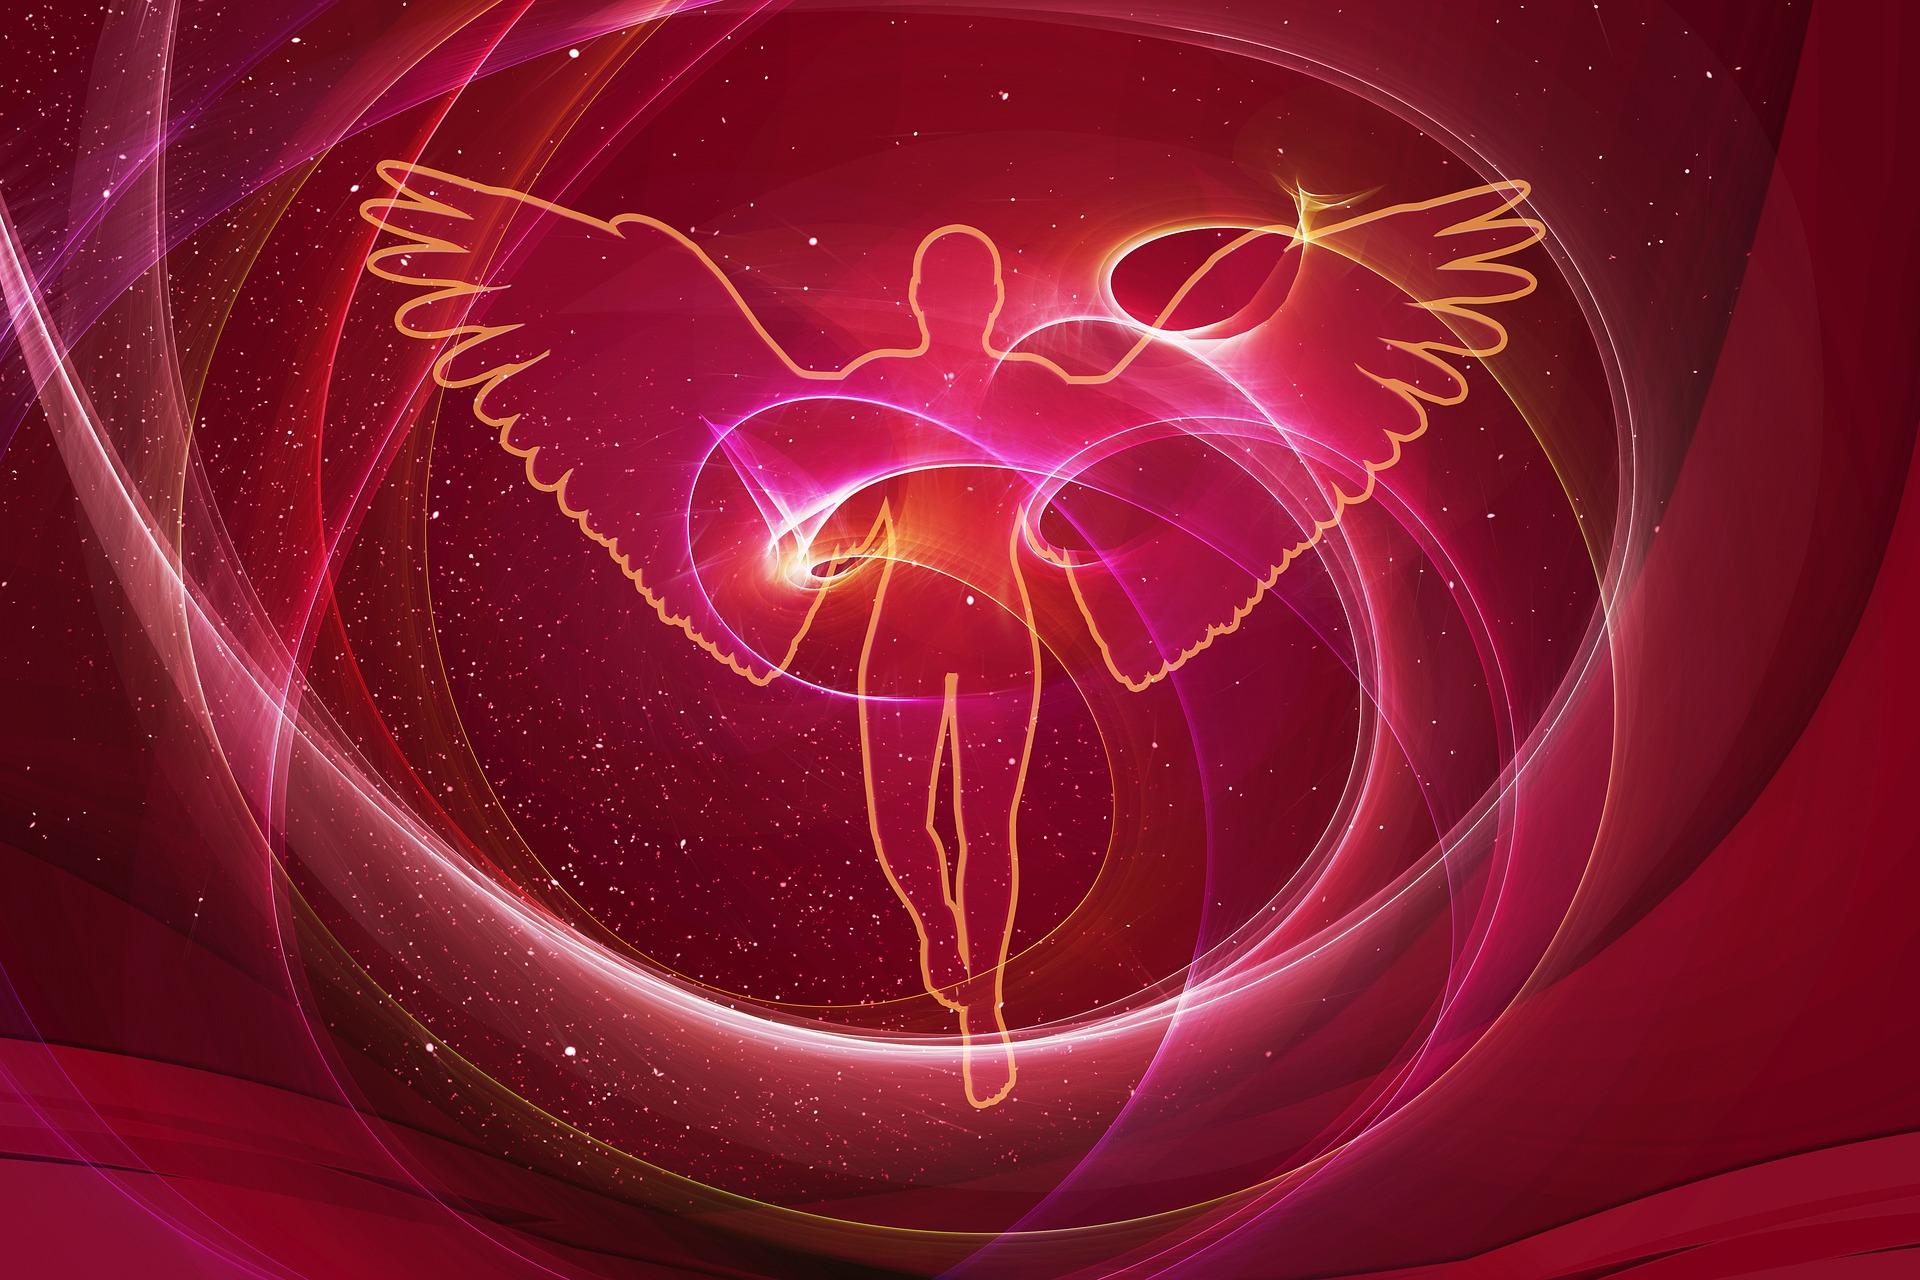 bien être - Les Anges Gardiens